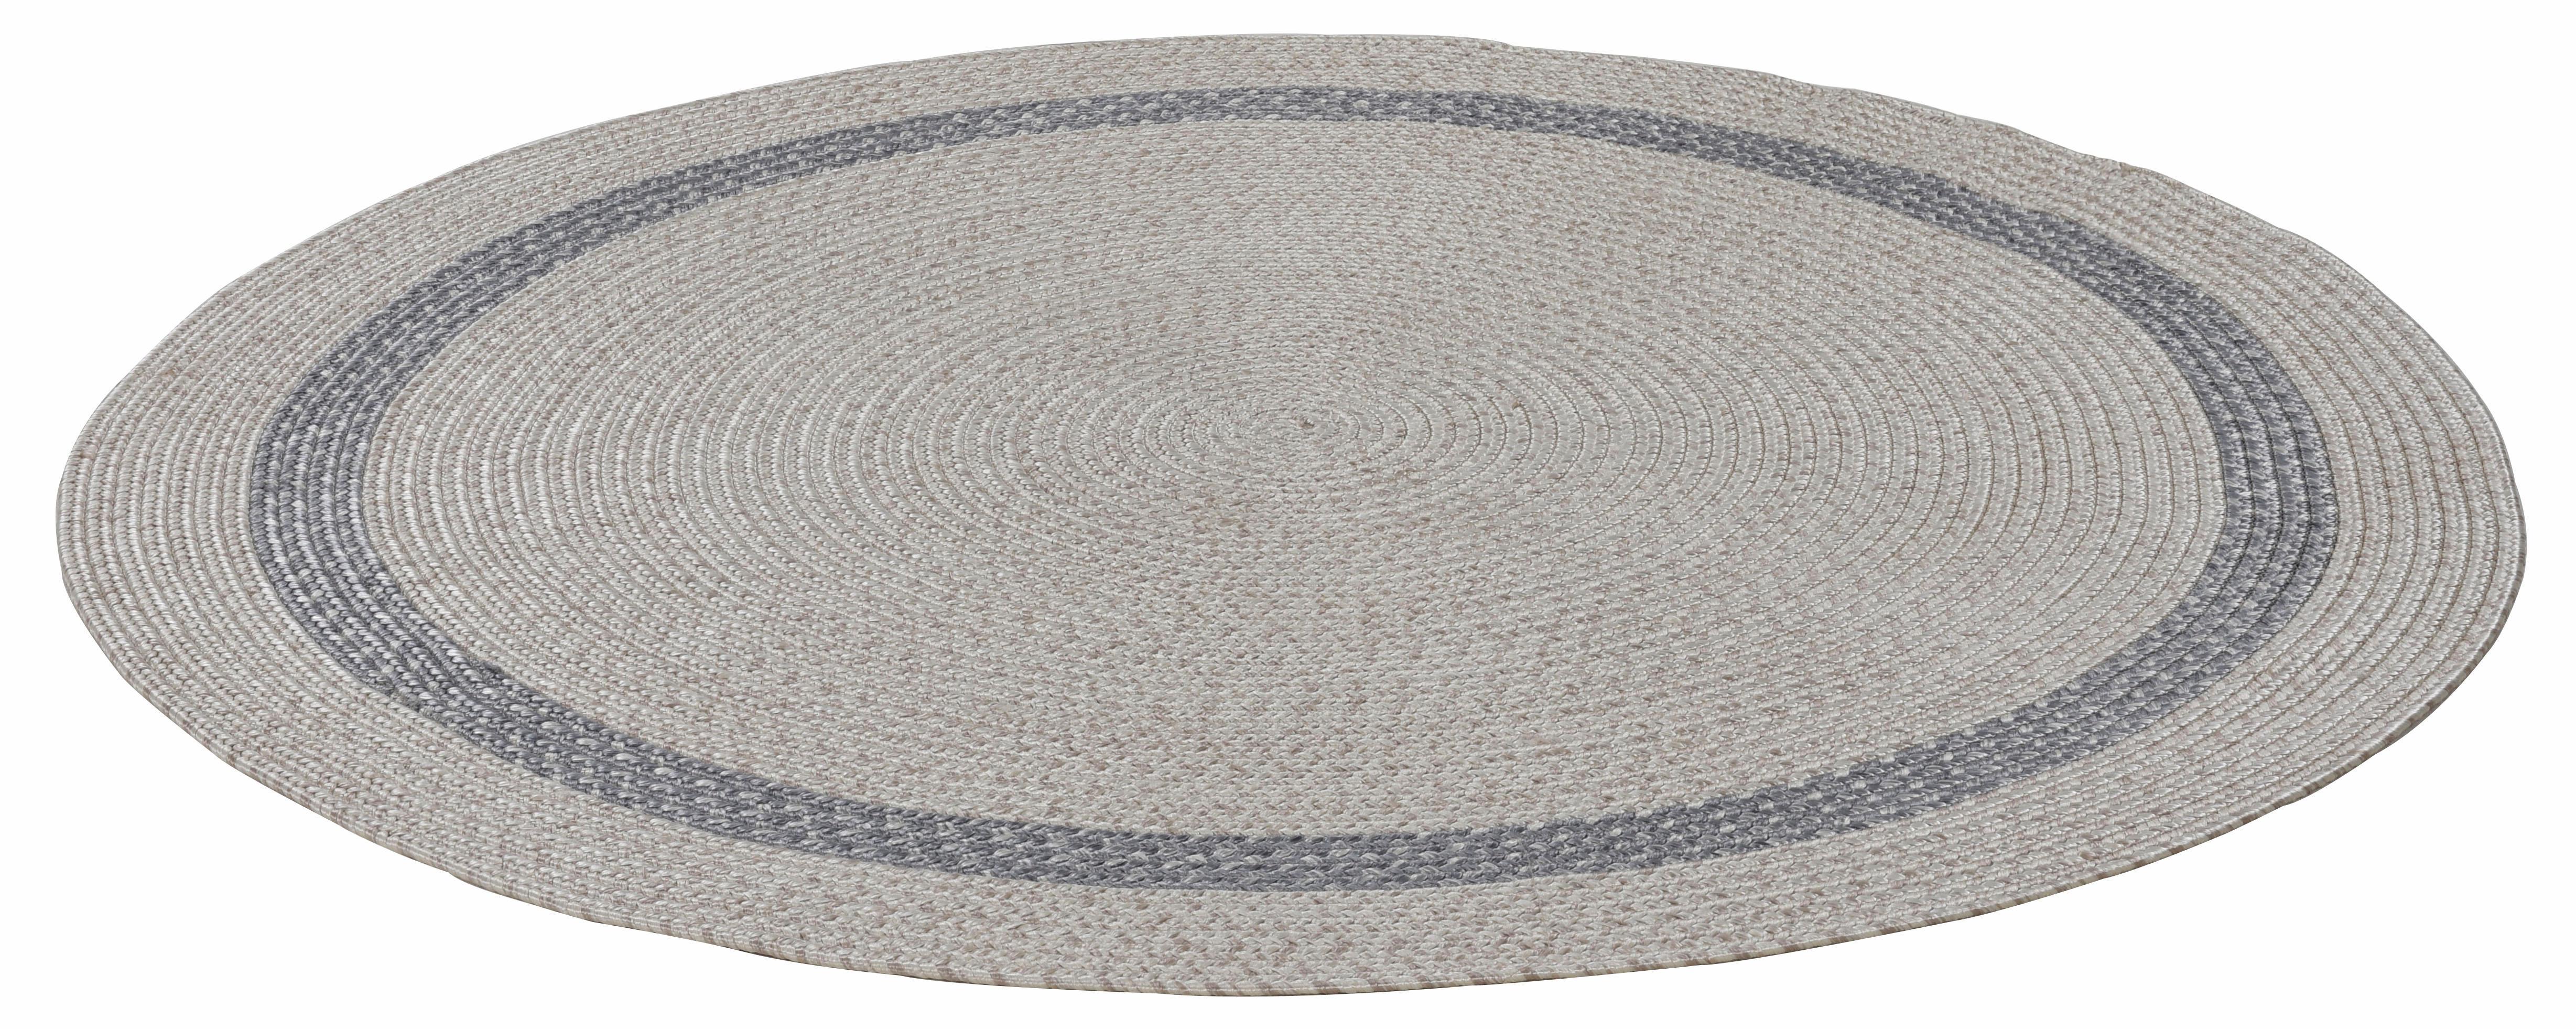 Teppich Benito THEKO rund Höhe 6 mm handgewebt